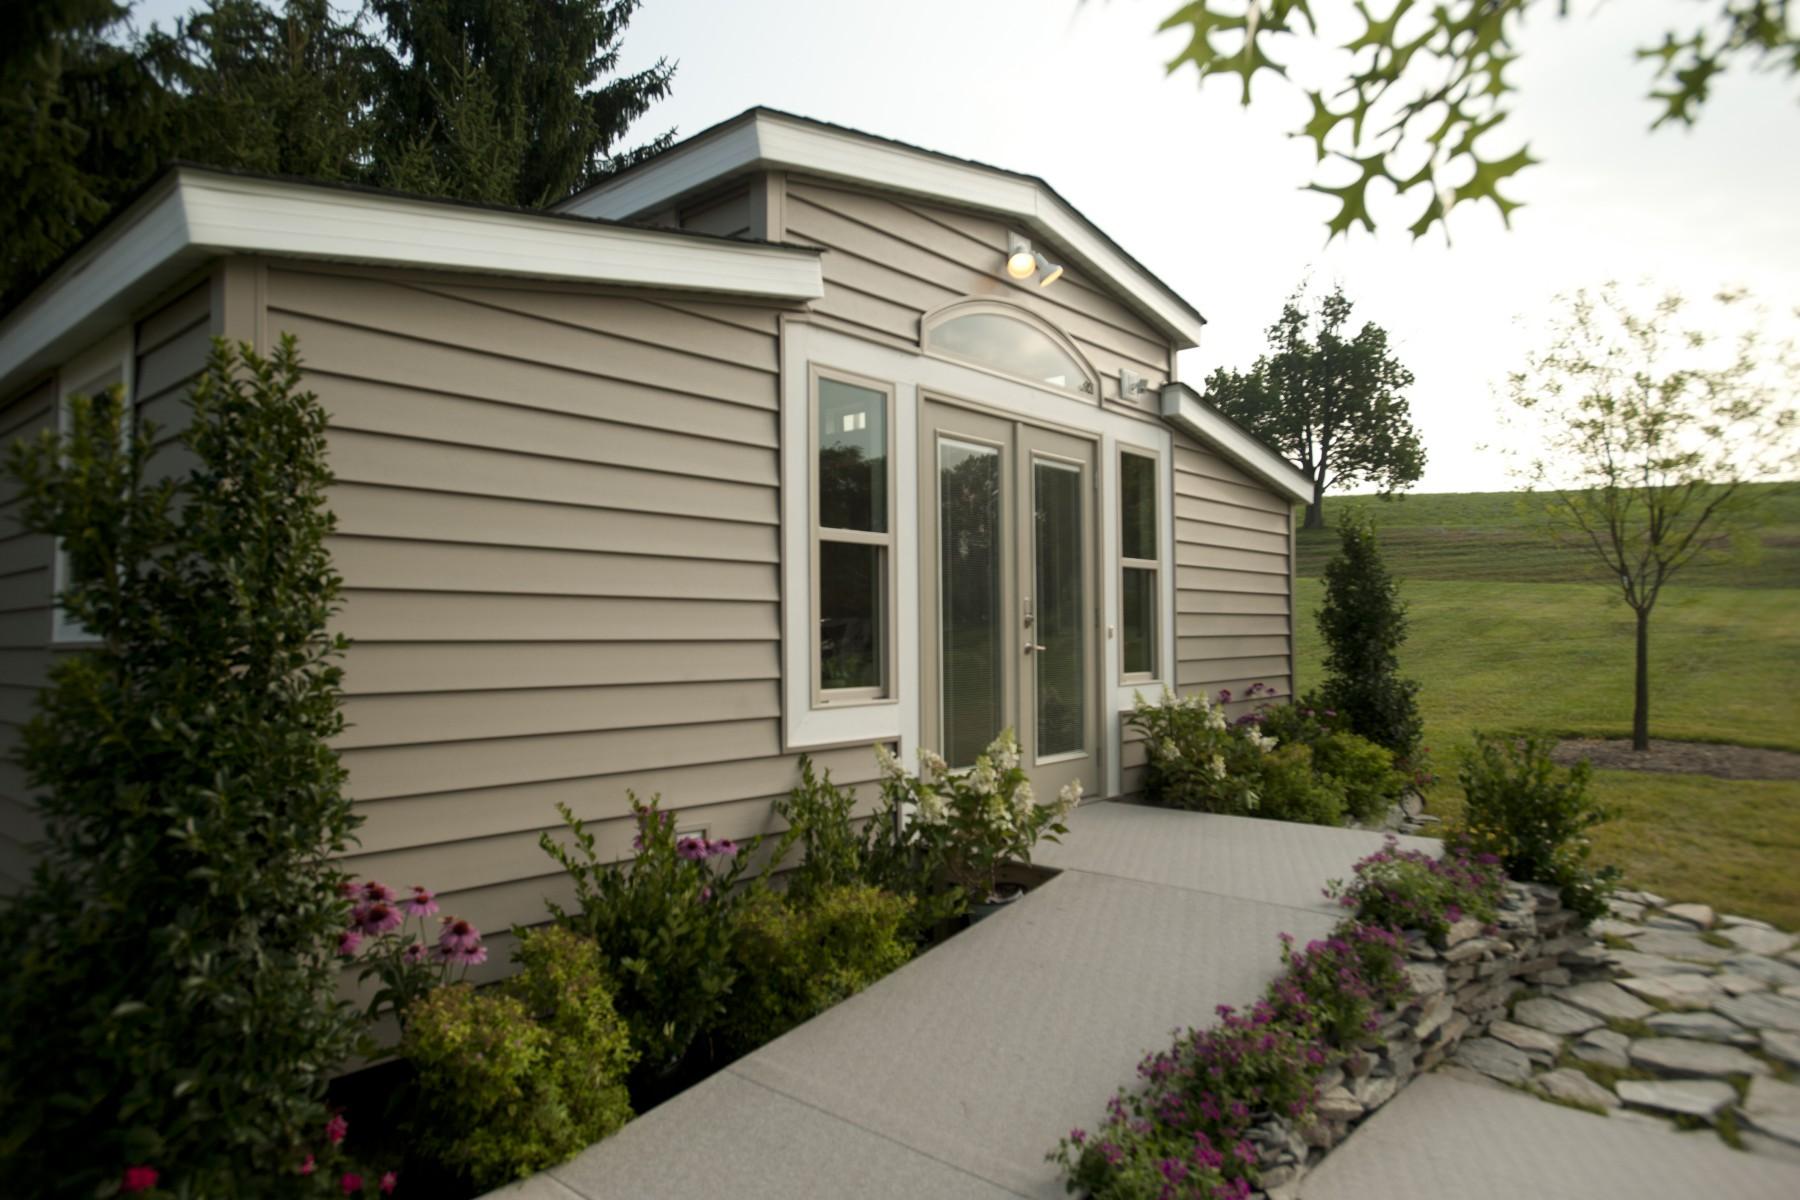 Tiny homes for seniors